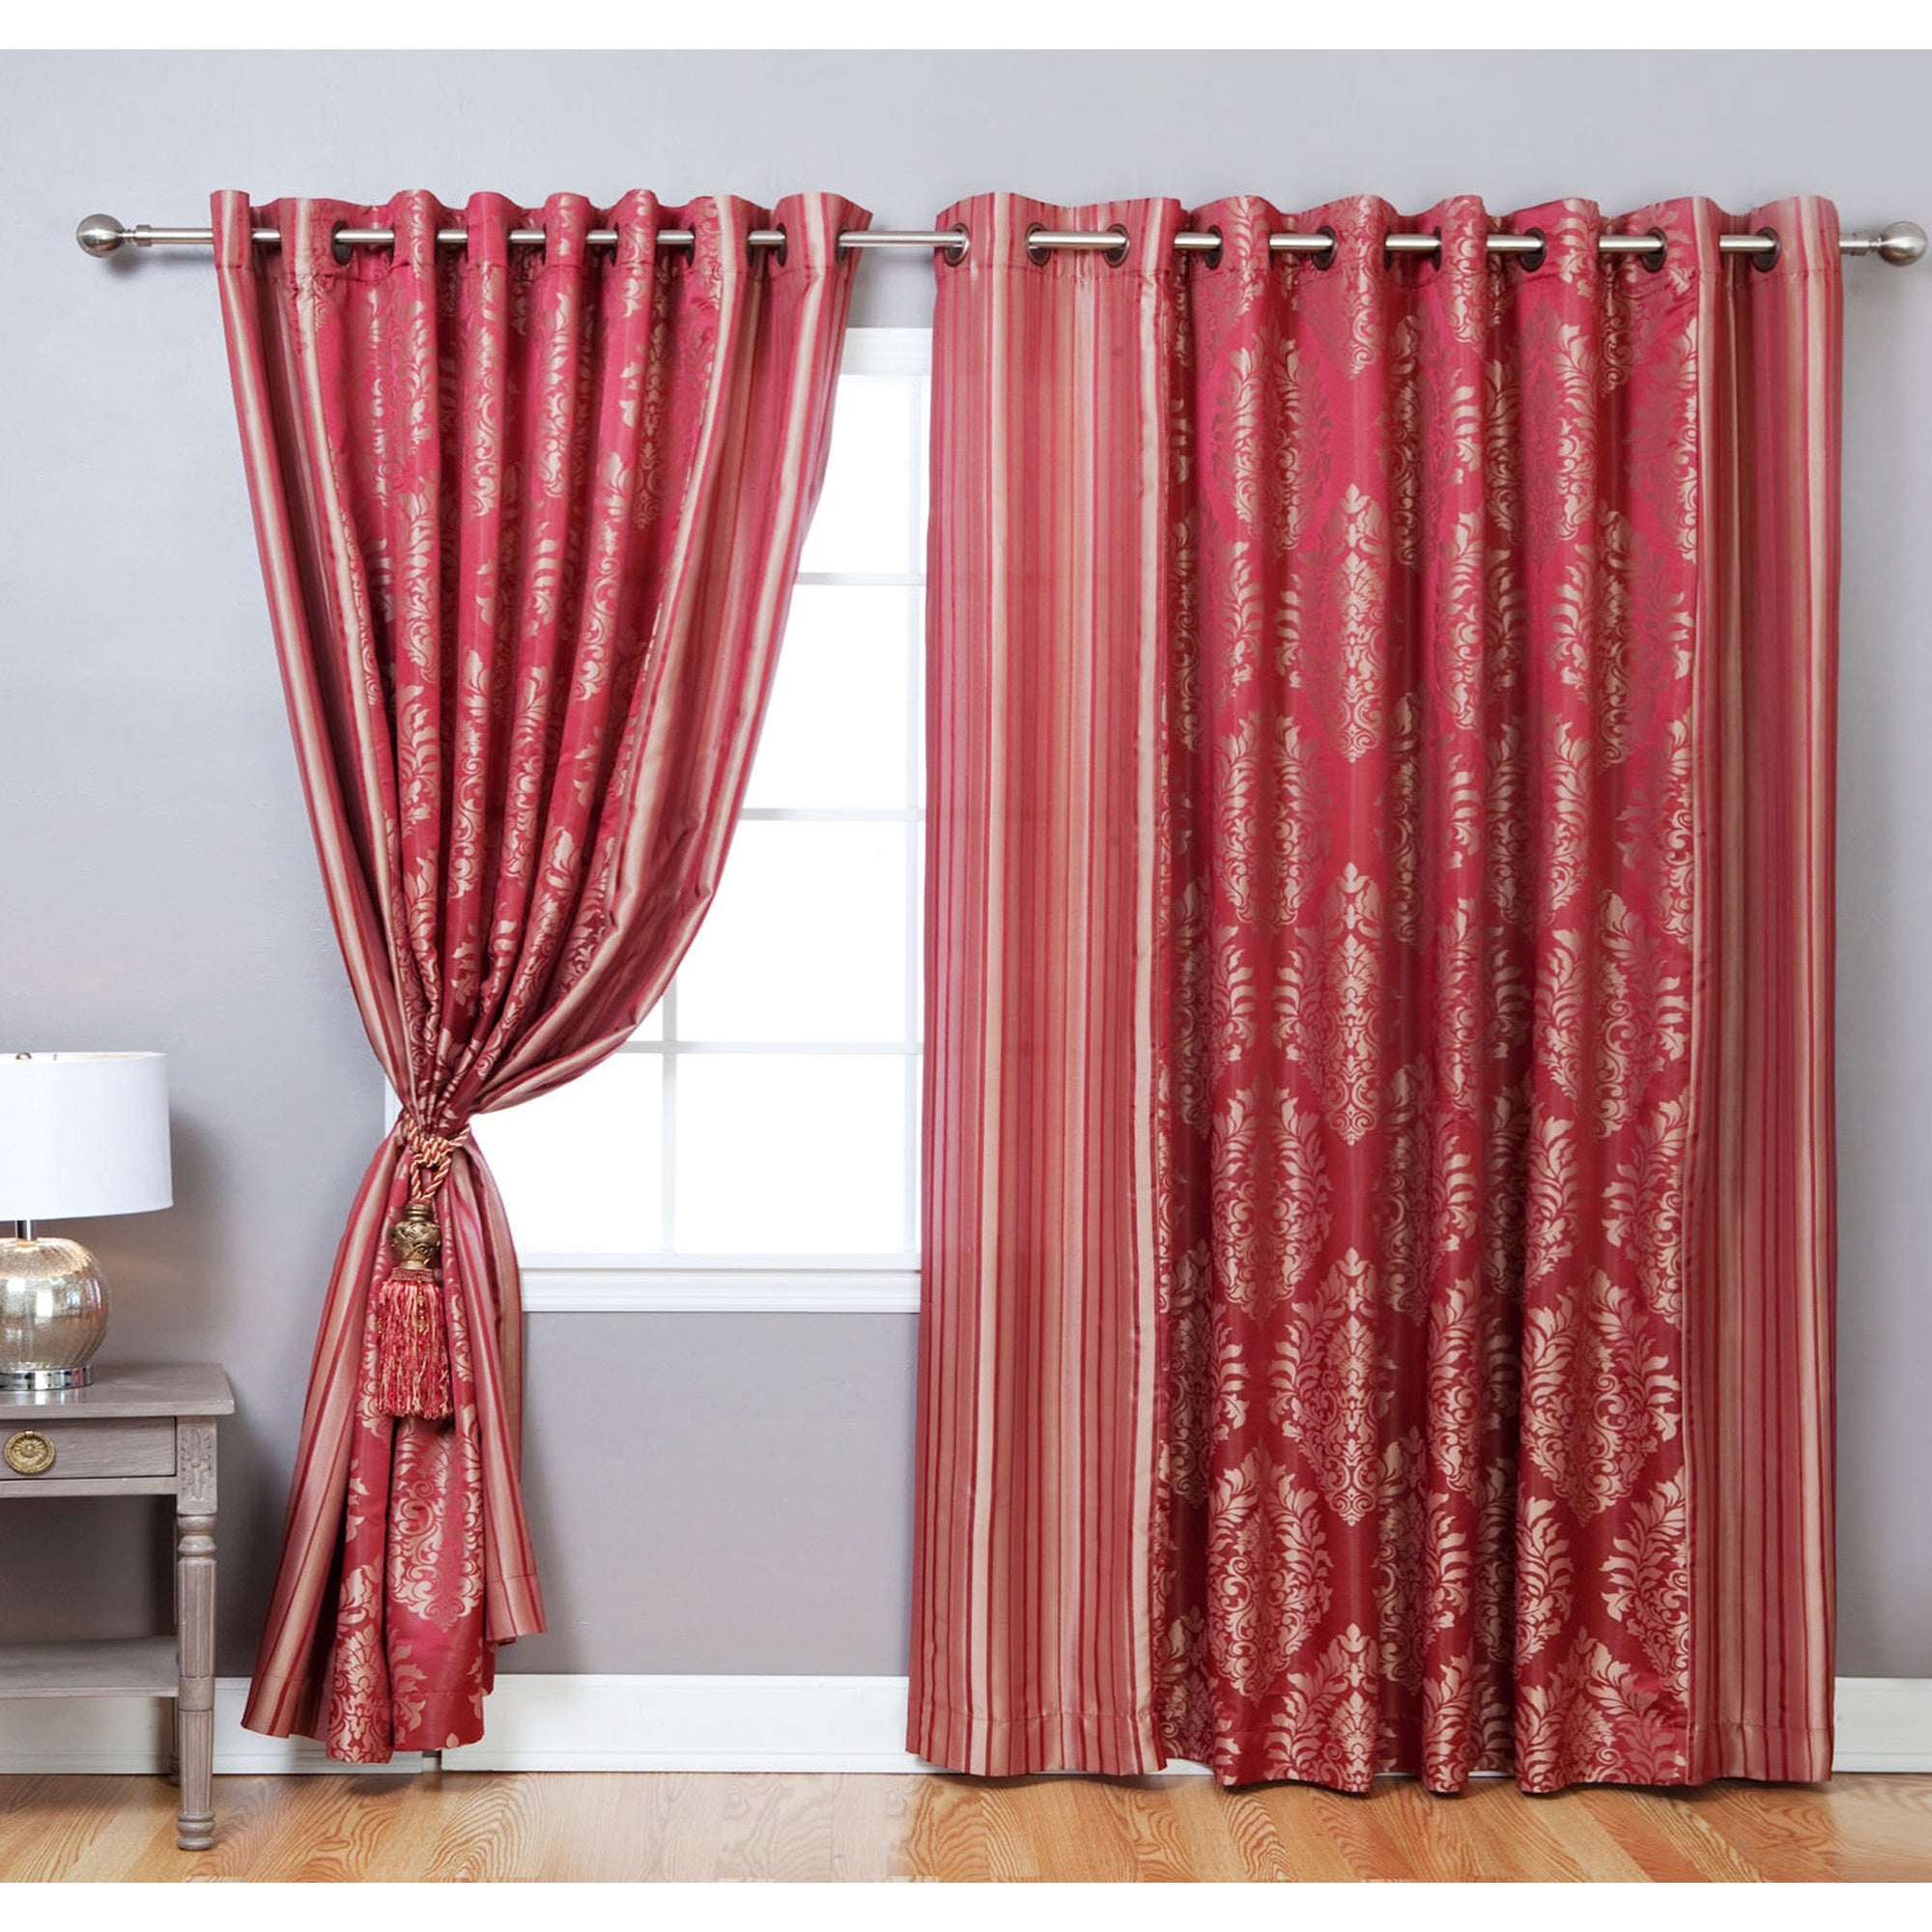 aurora home wide width damask jacquard grommet 84 inch. Black Bedroom Furniture Sets. Home Design Ideas